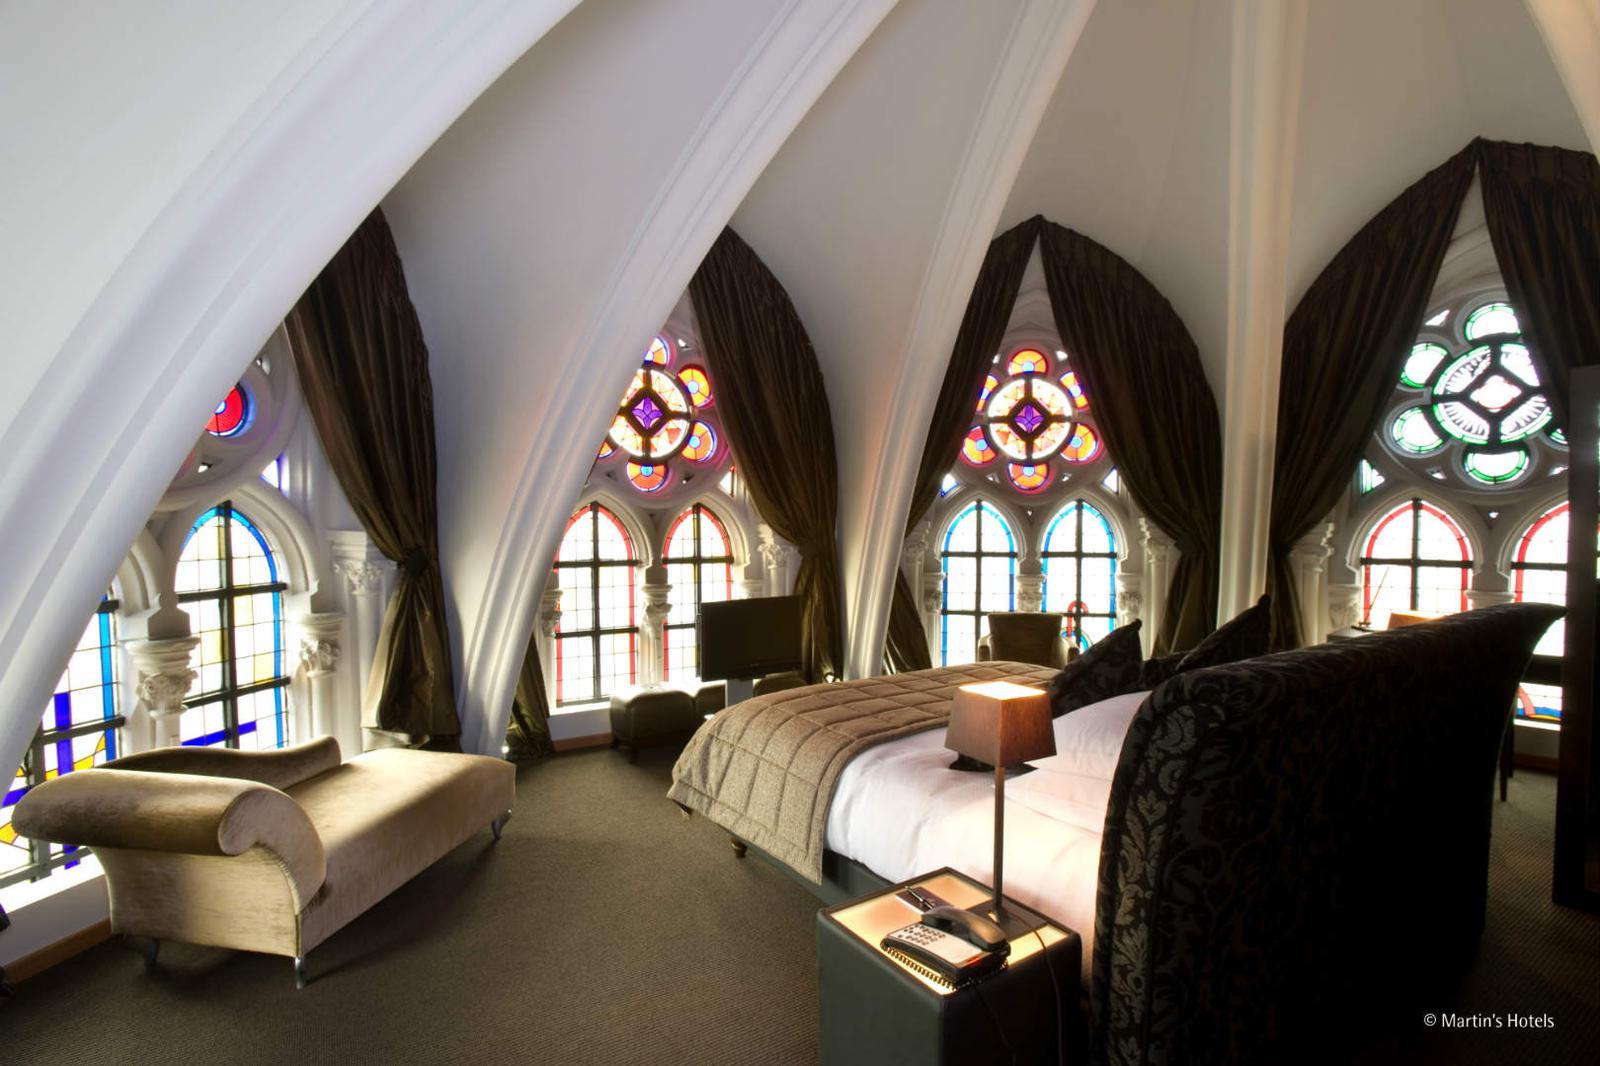 Suite con bóveda en hotel Martin's Patershof, Bélgica